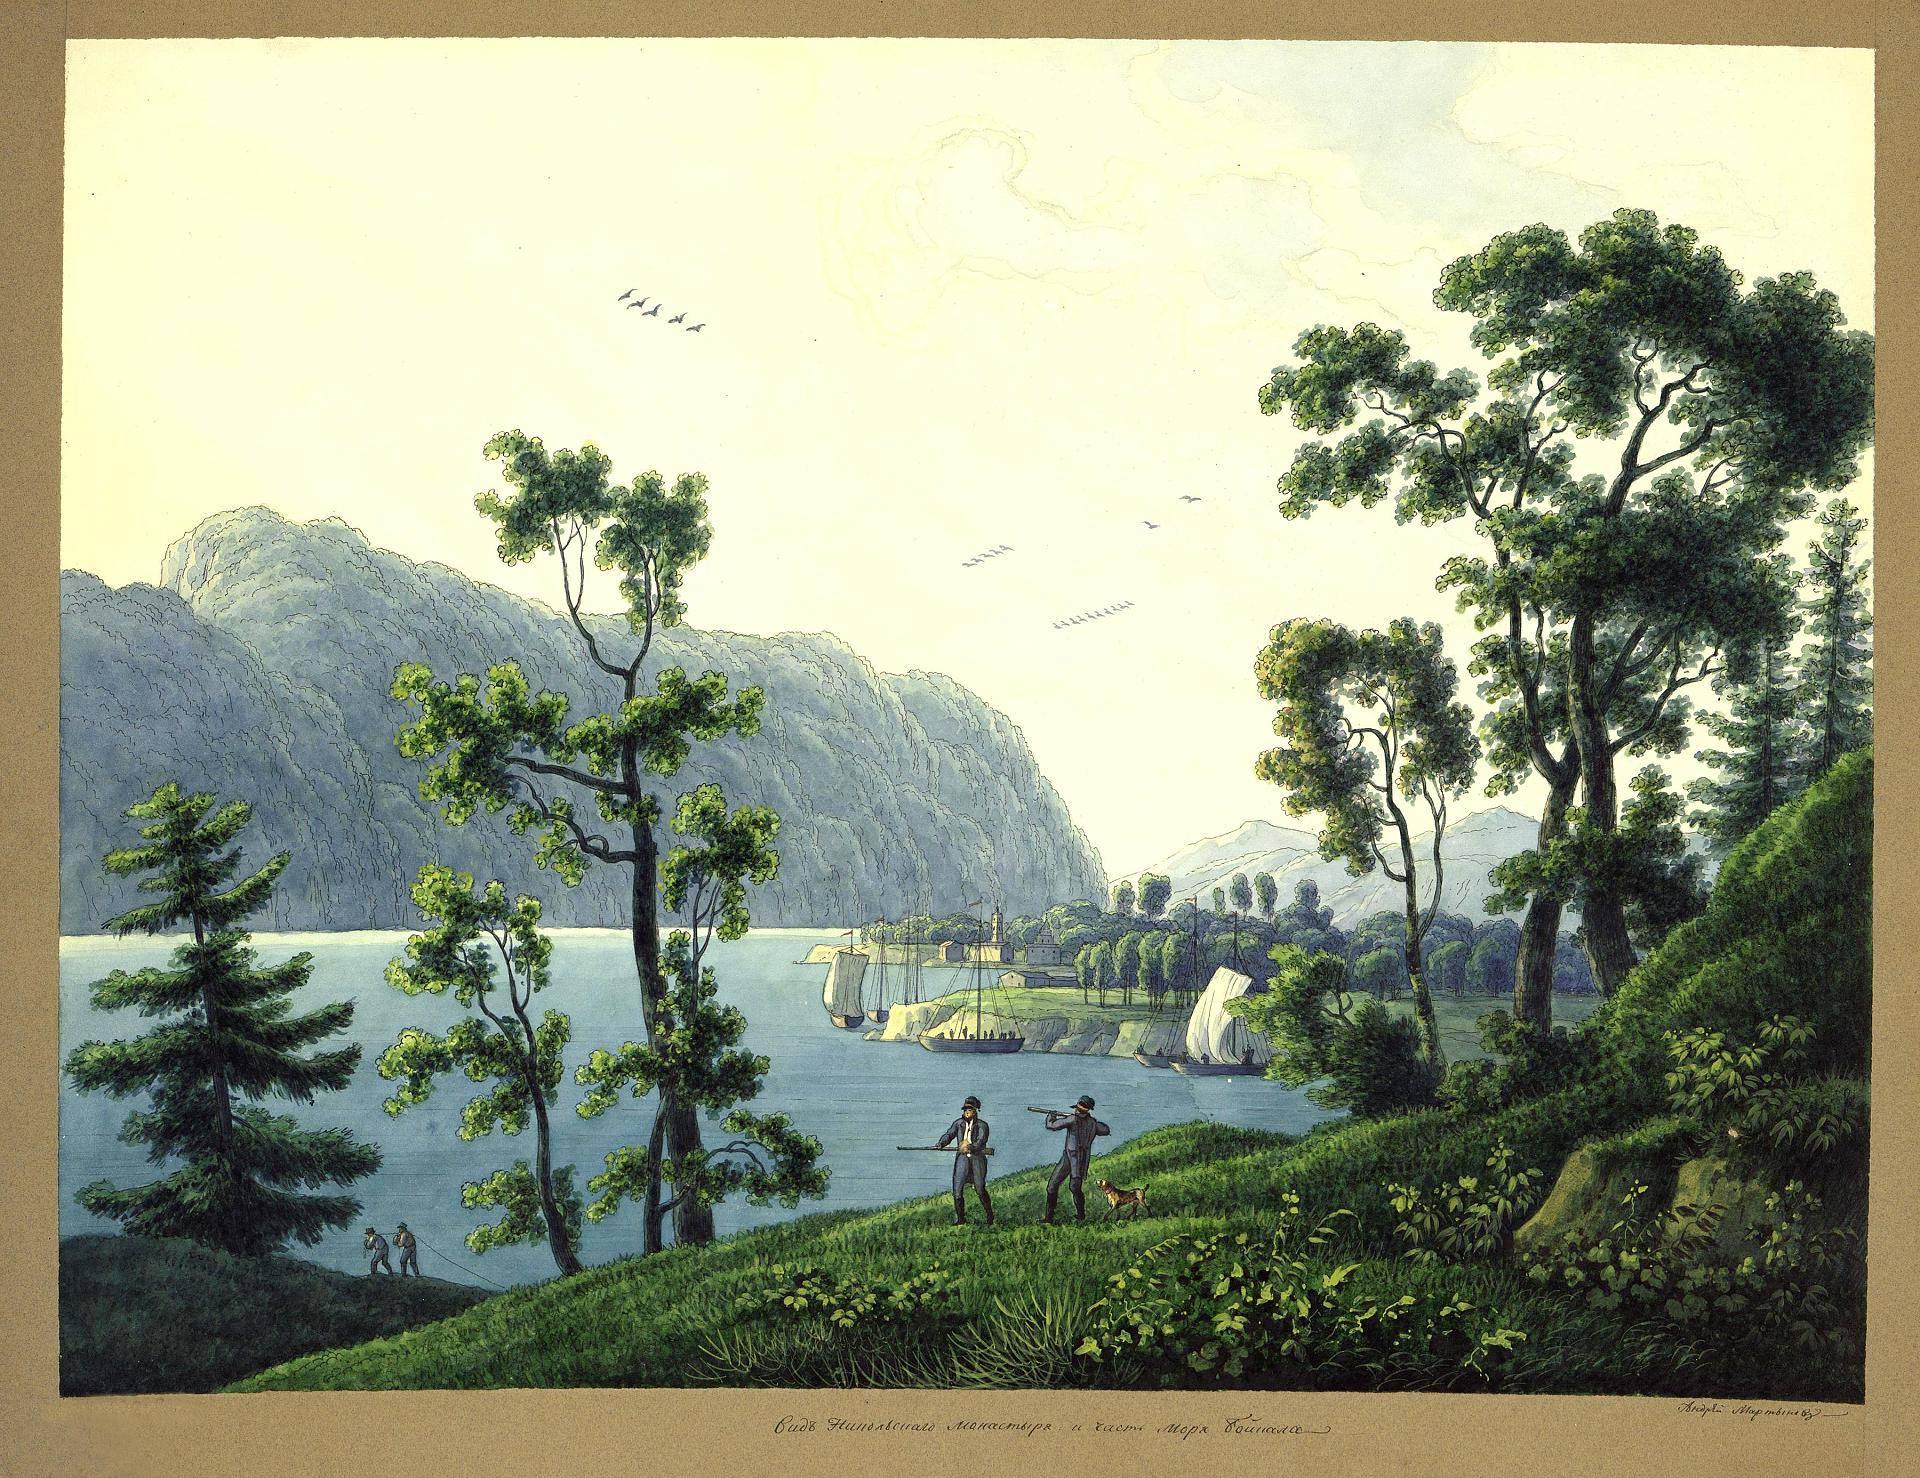 Озеро Байкал, Россия, 1806 год. Художник Андрей Мартынов